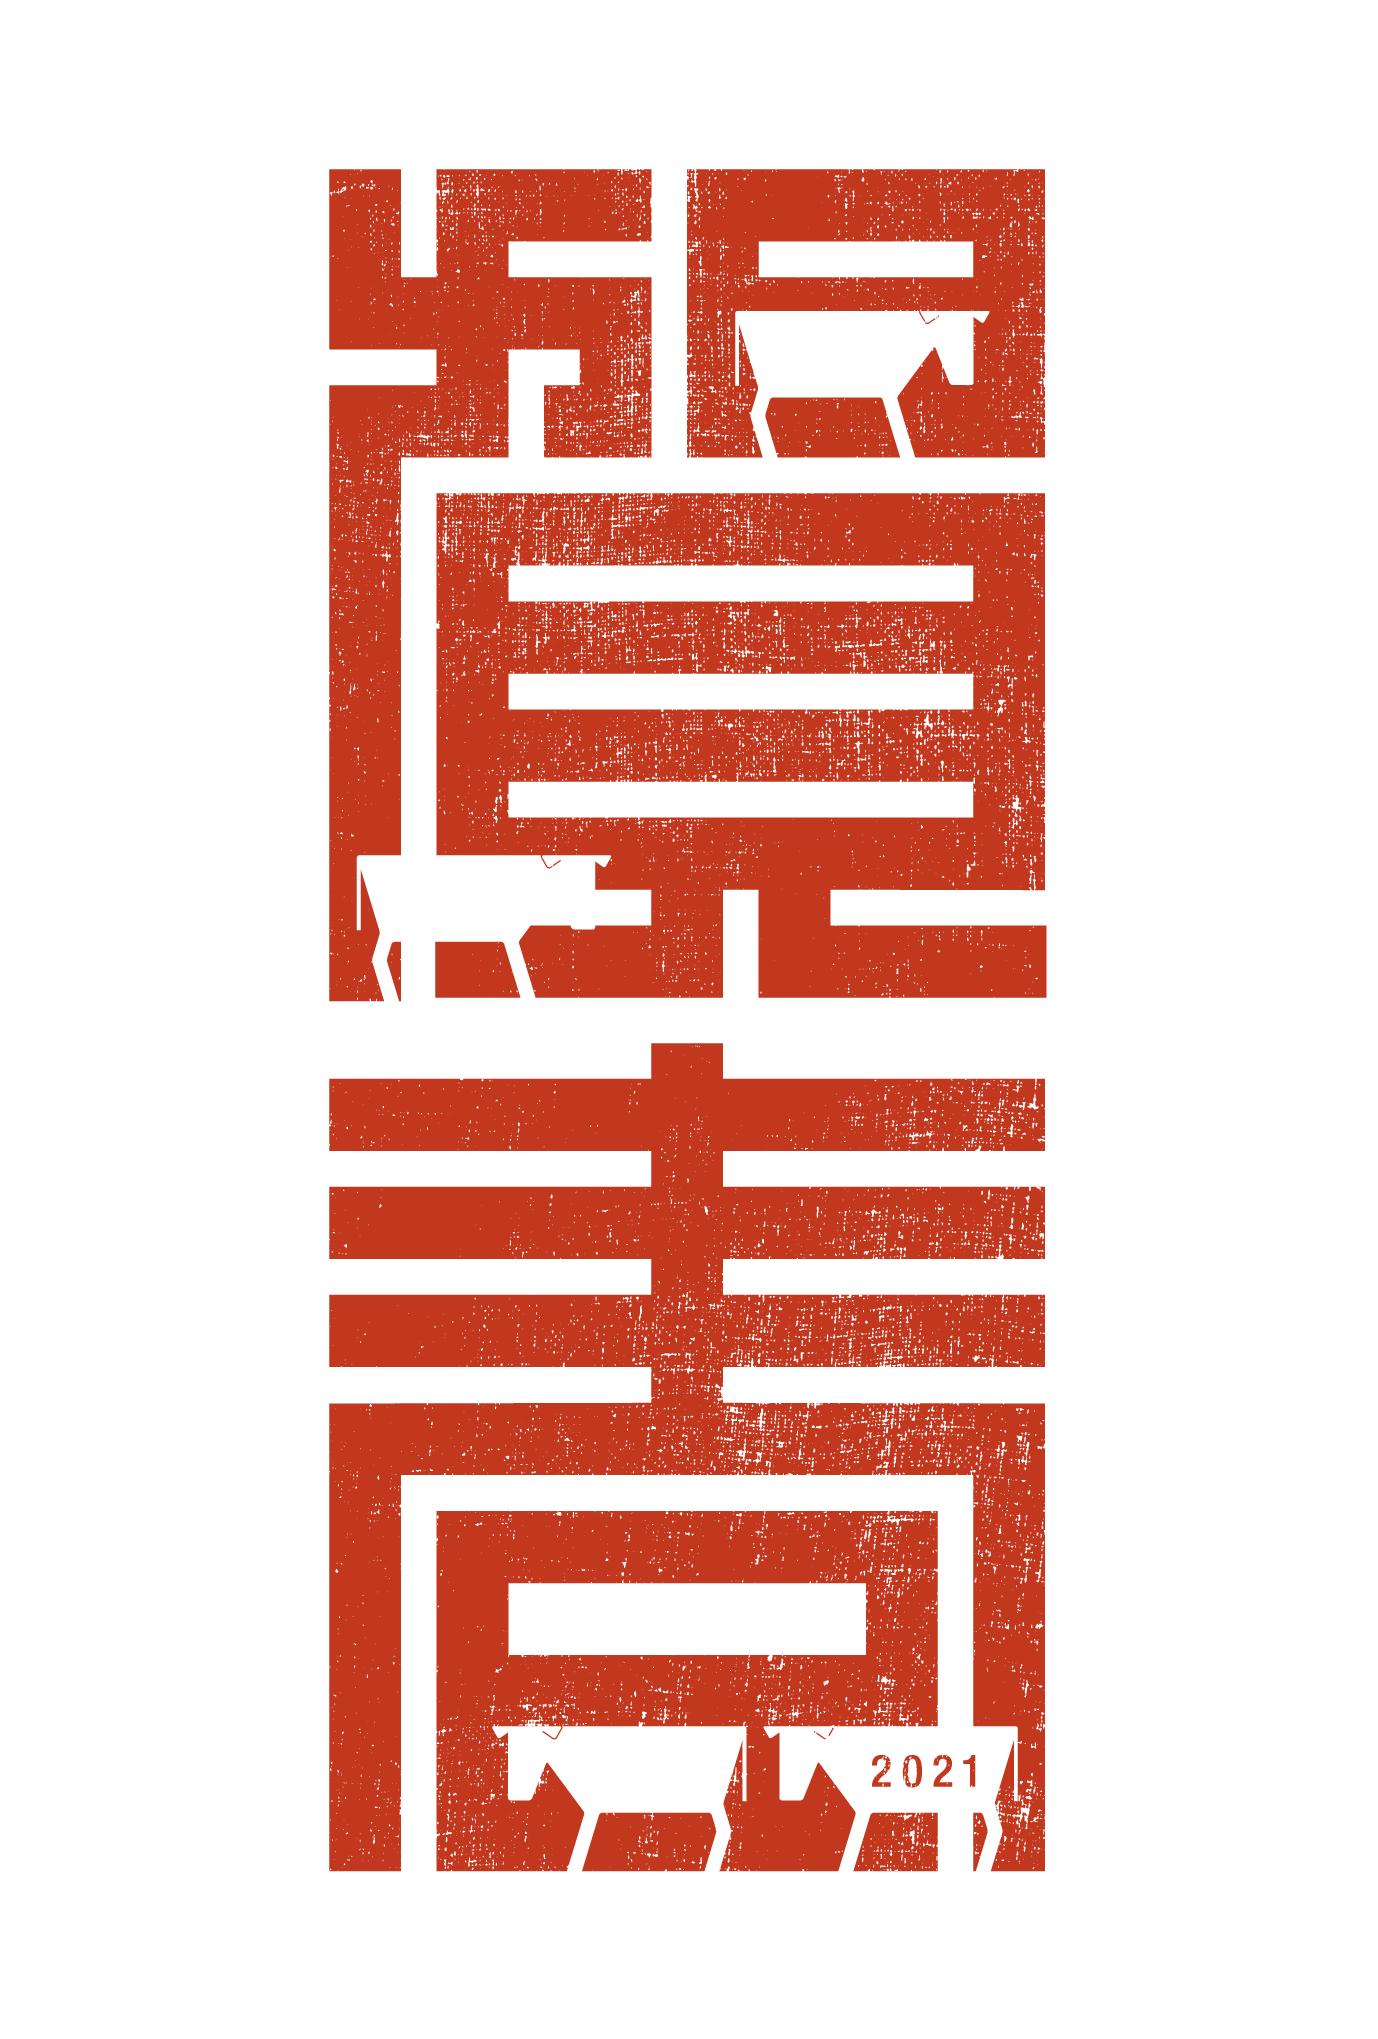 2021年賀状14-2:江戸角字(賀春)赤のダウンロード画像